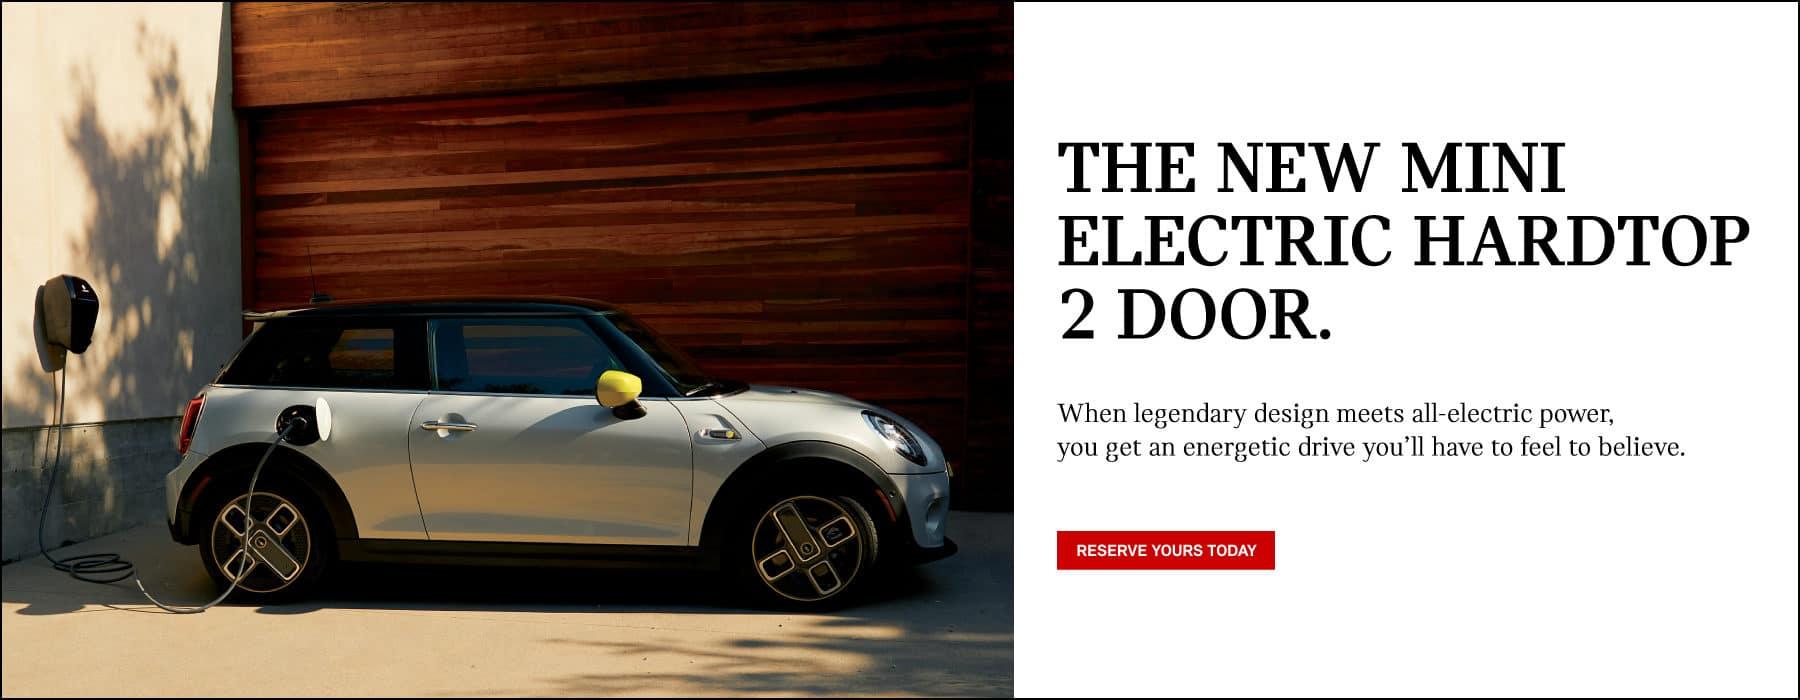 RESERVE YOUR MINI ELECTRIC HARDTOP 2  DOOR.